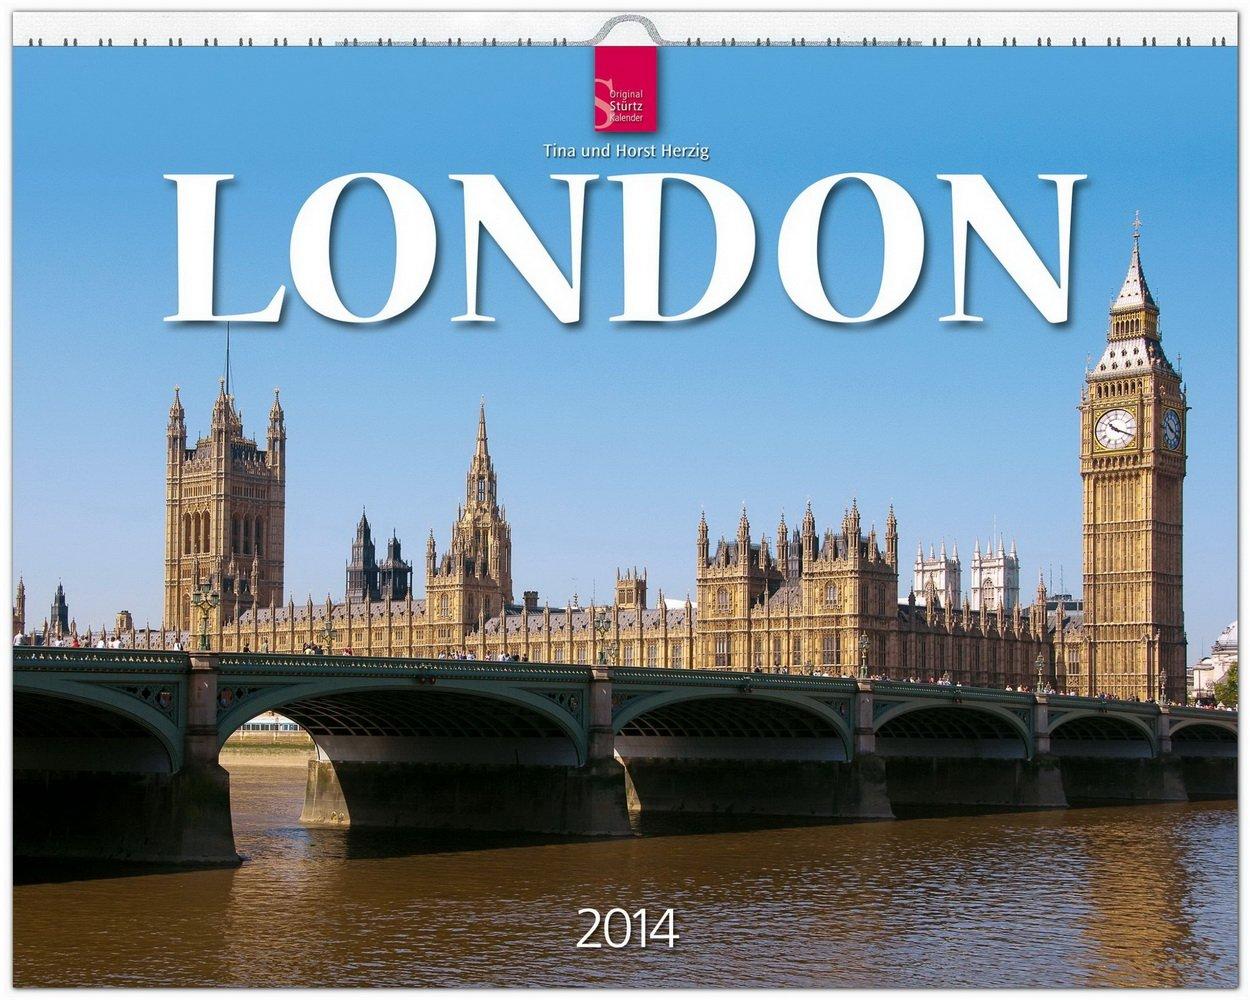 London 2014: Original Stürtz-Kalender - Großformat-Kalender 60 x 48 cm [Spiralbindung]